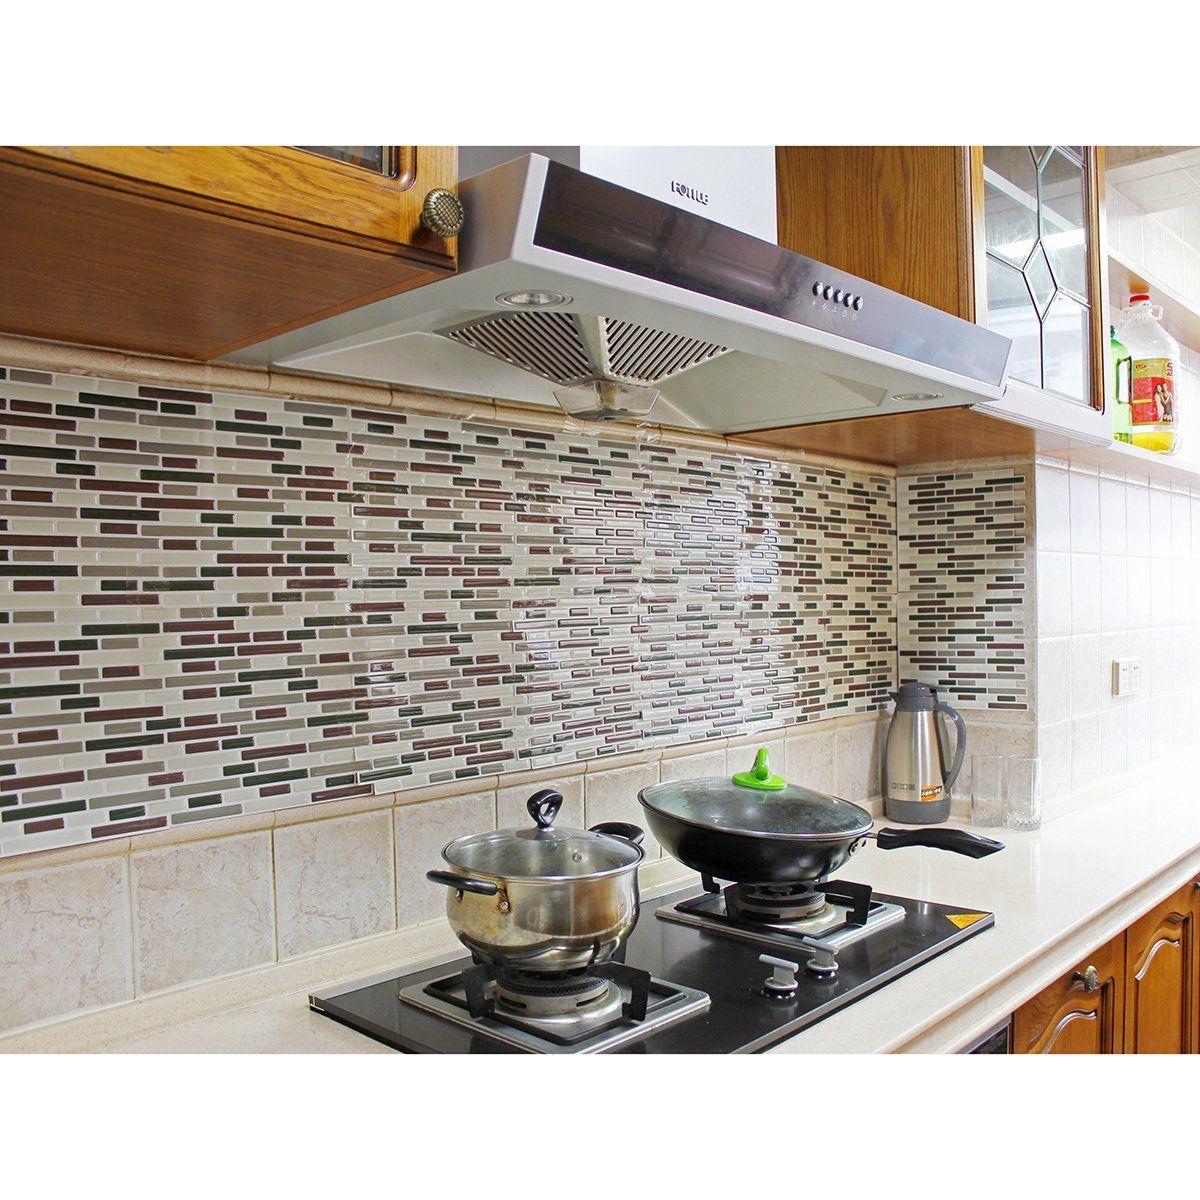 Fancy fix vinyl peel and stick decorative backsplash kitchen tile fancy fix vinyl peel and stick decorative backsplash kitchen tile pack of 4 sheets doublecrazyfo Images